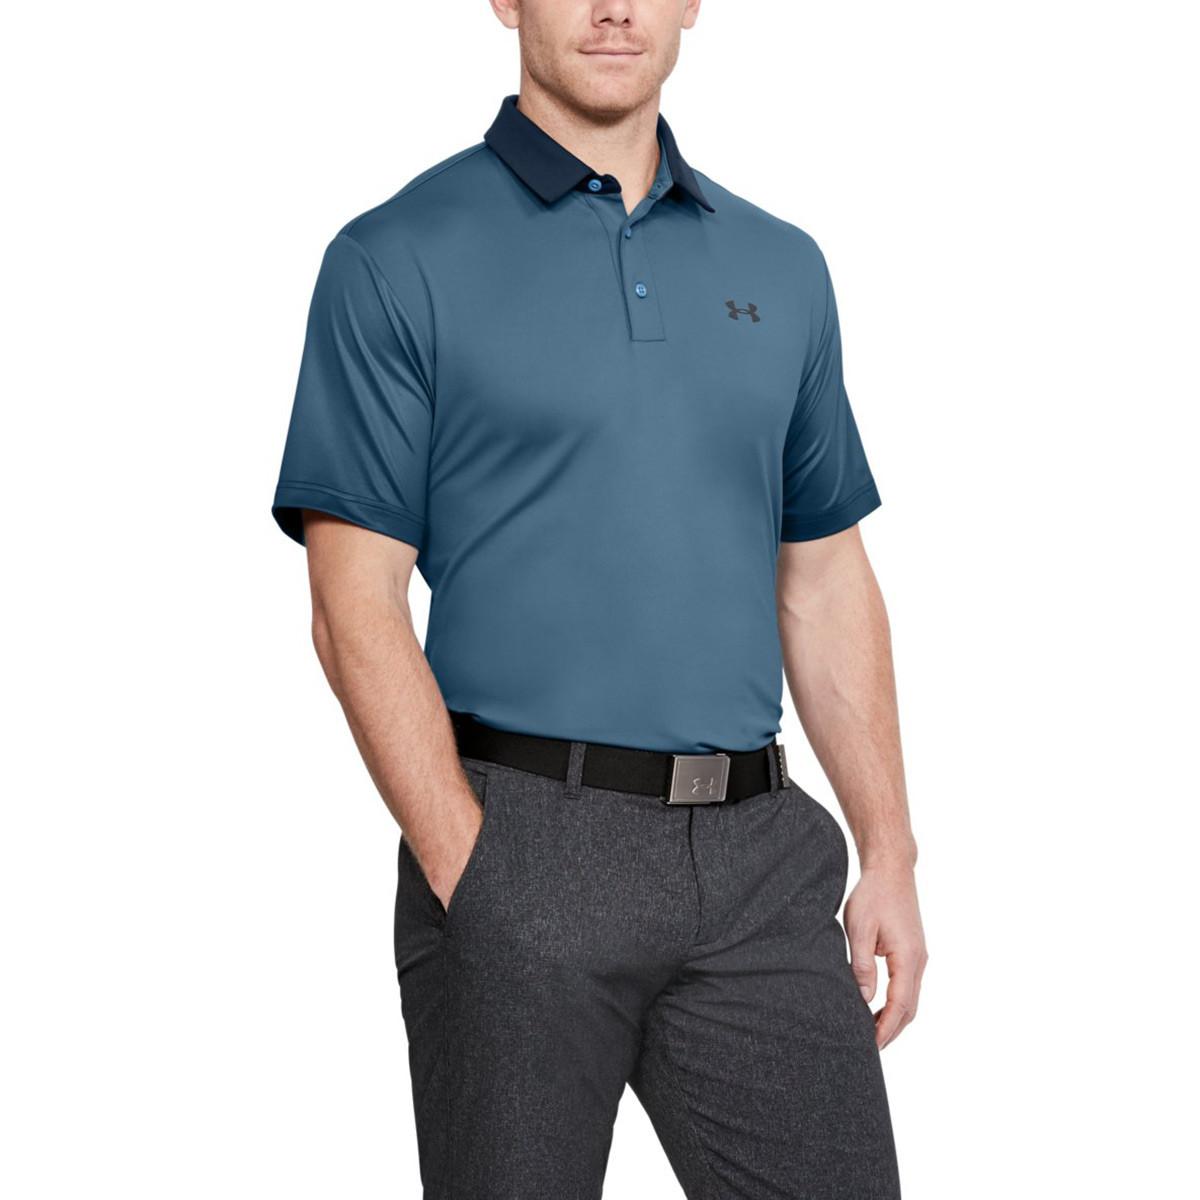 9e62cb6fe ... Under Armour Mens UA Playoff Performance Short Sleeve Golf Polo Shirt.  < Back. prev. next. thumbnail. thumbnail. thumbnail. thumbnail.  1253479/Clear